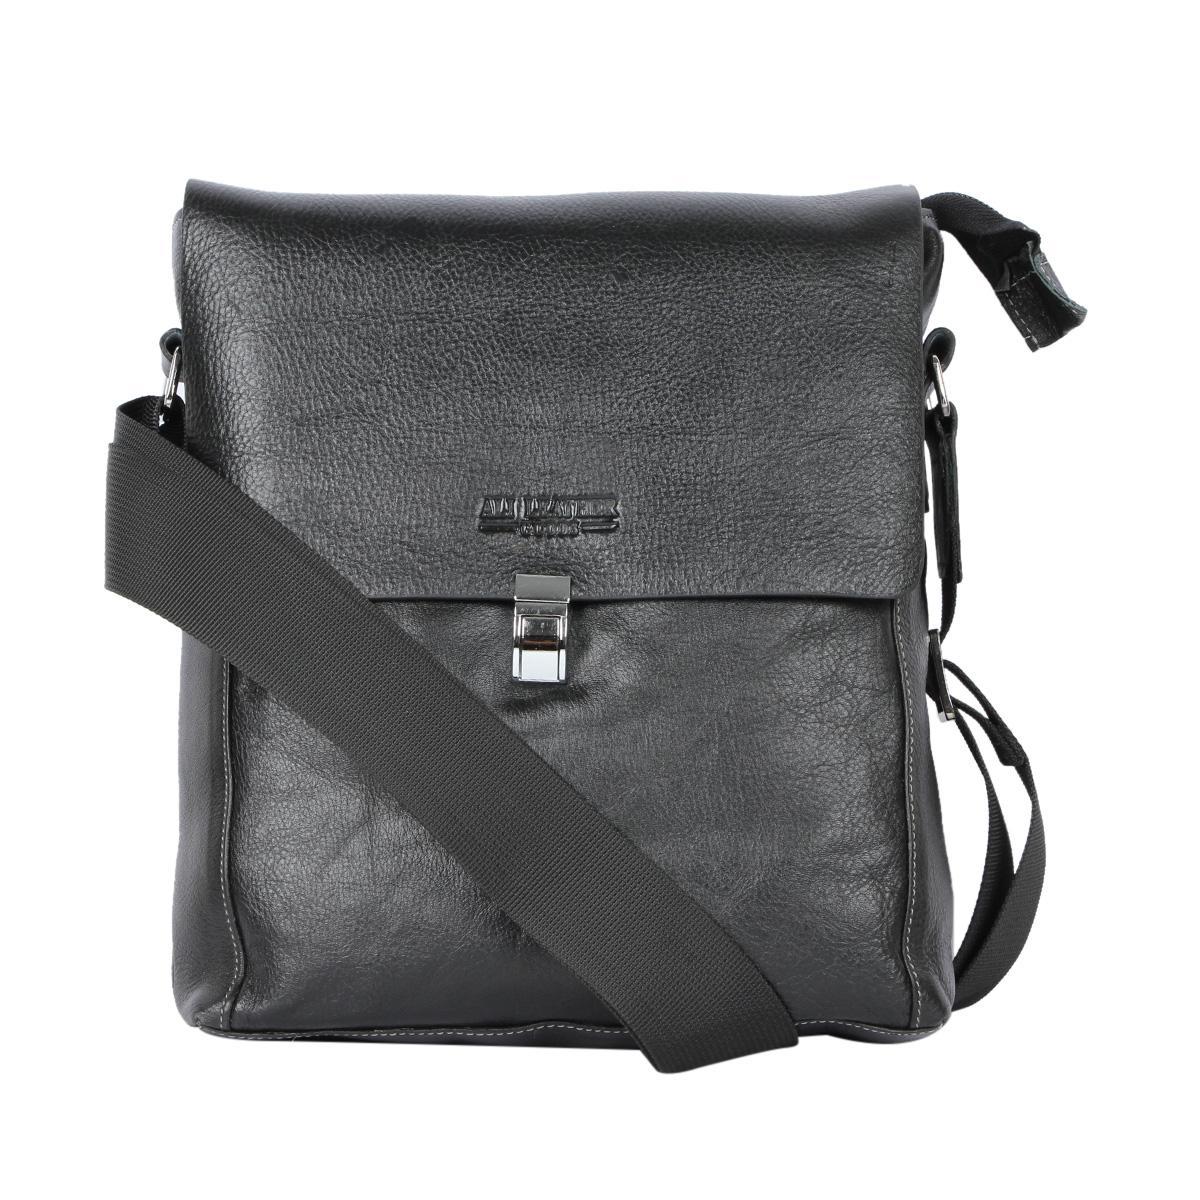 Men s Bags Online - Buy Bags For Men In Bangladesh - Daraz.com.bd aa1156304478b